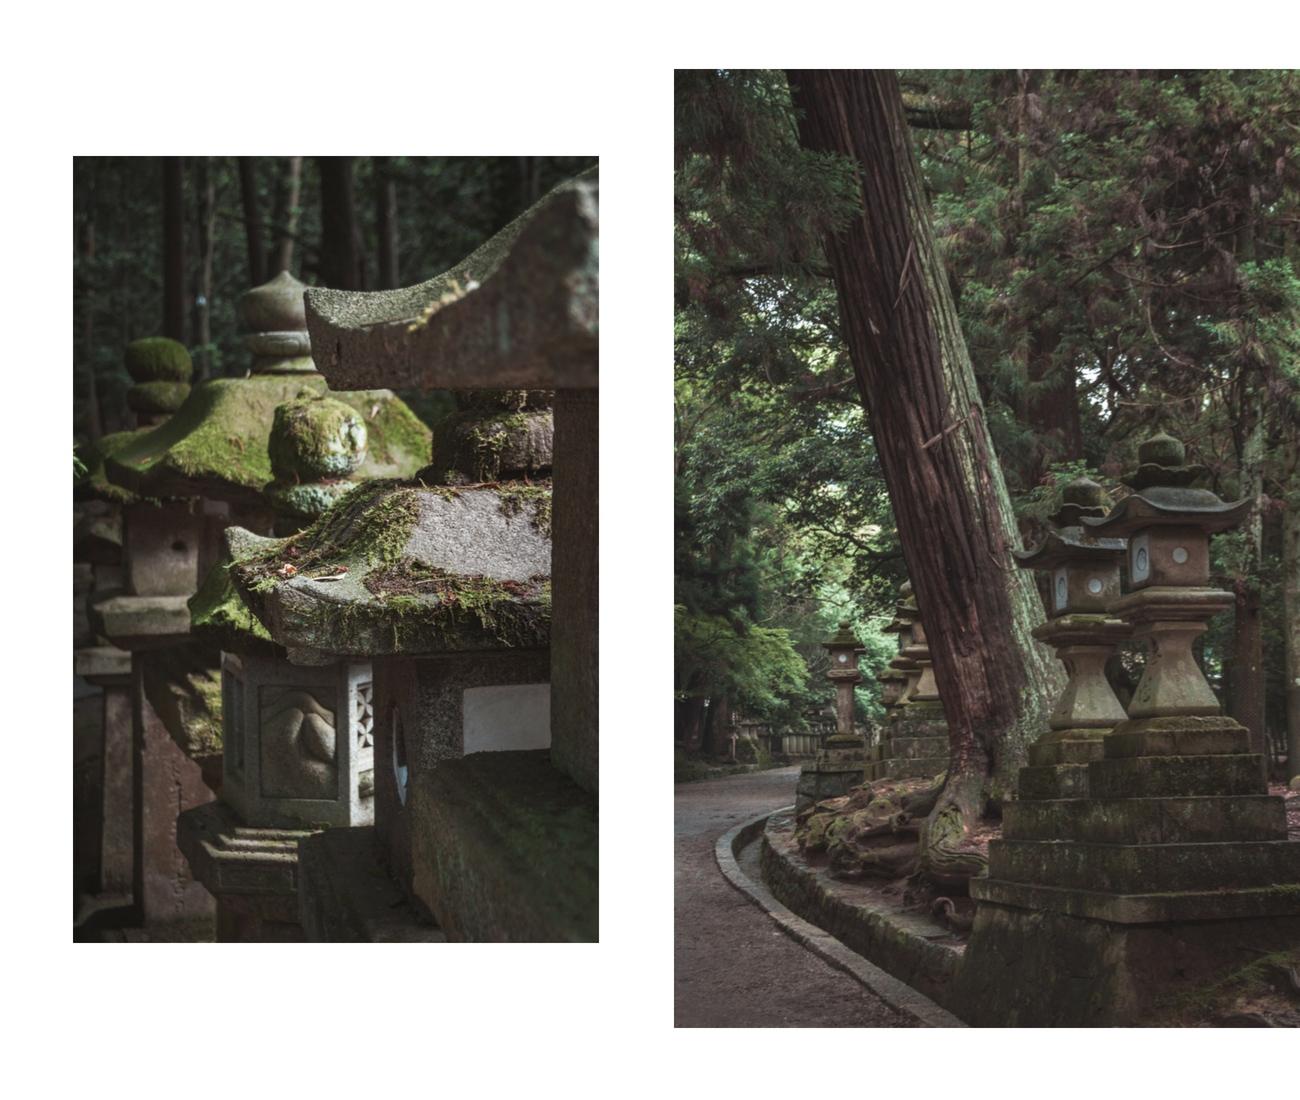 Japonia, świątynia w Narze